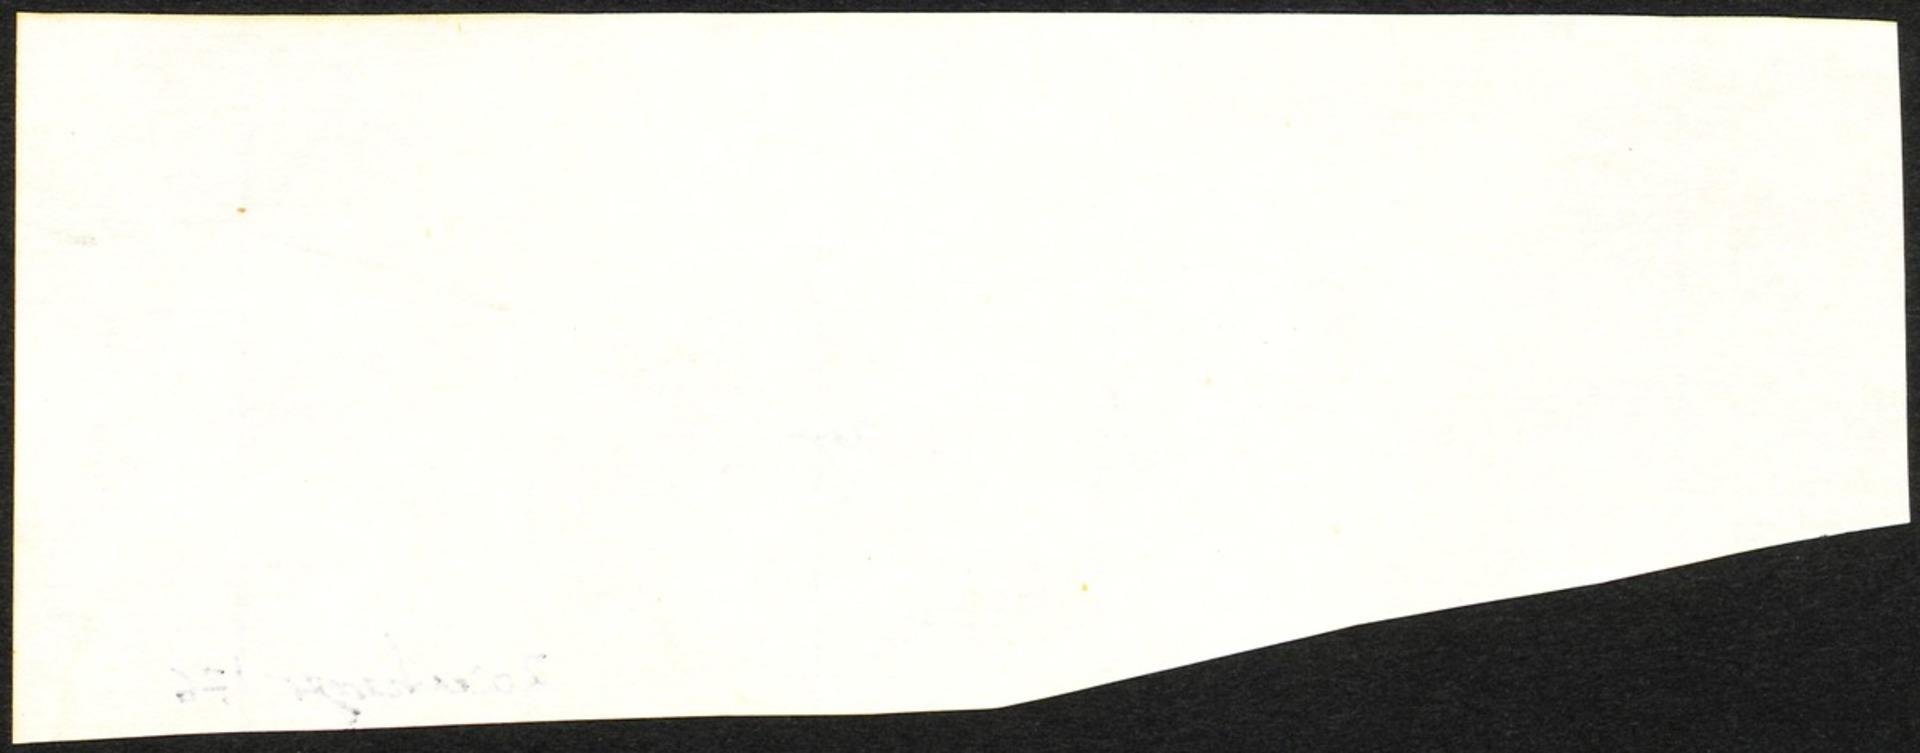 CD02-005-G01-M01-_0003.jpg